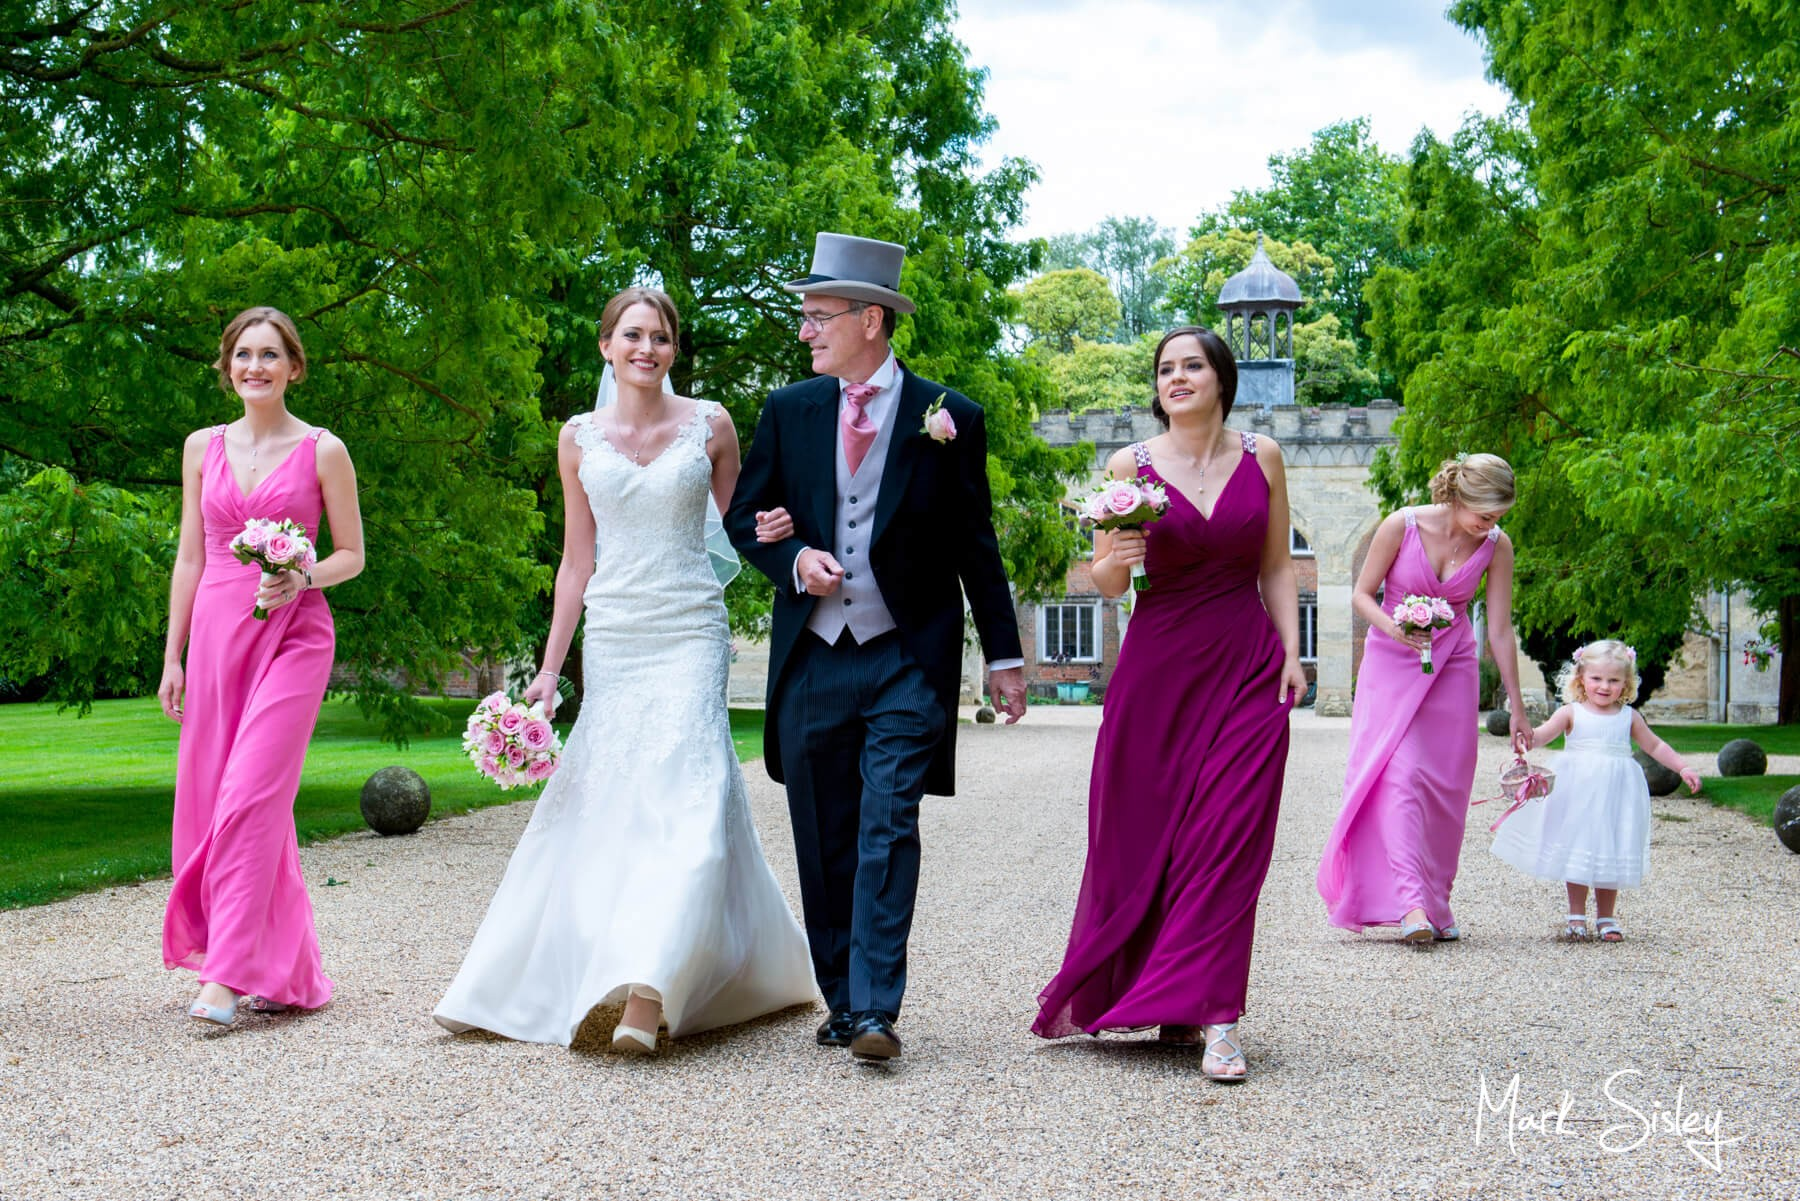 Buckinghamshire wedding photography - Nether Winchenden House wedding